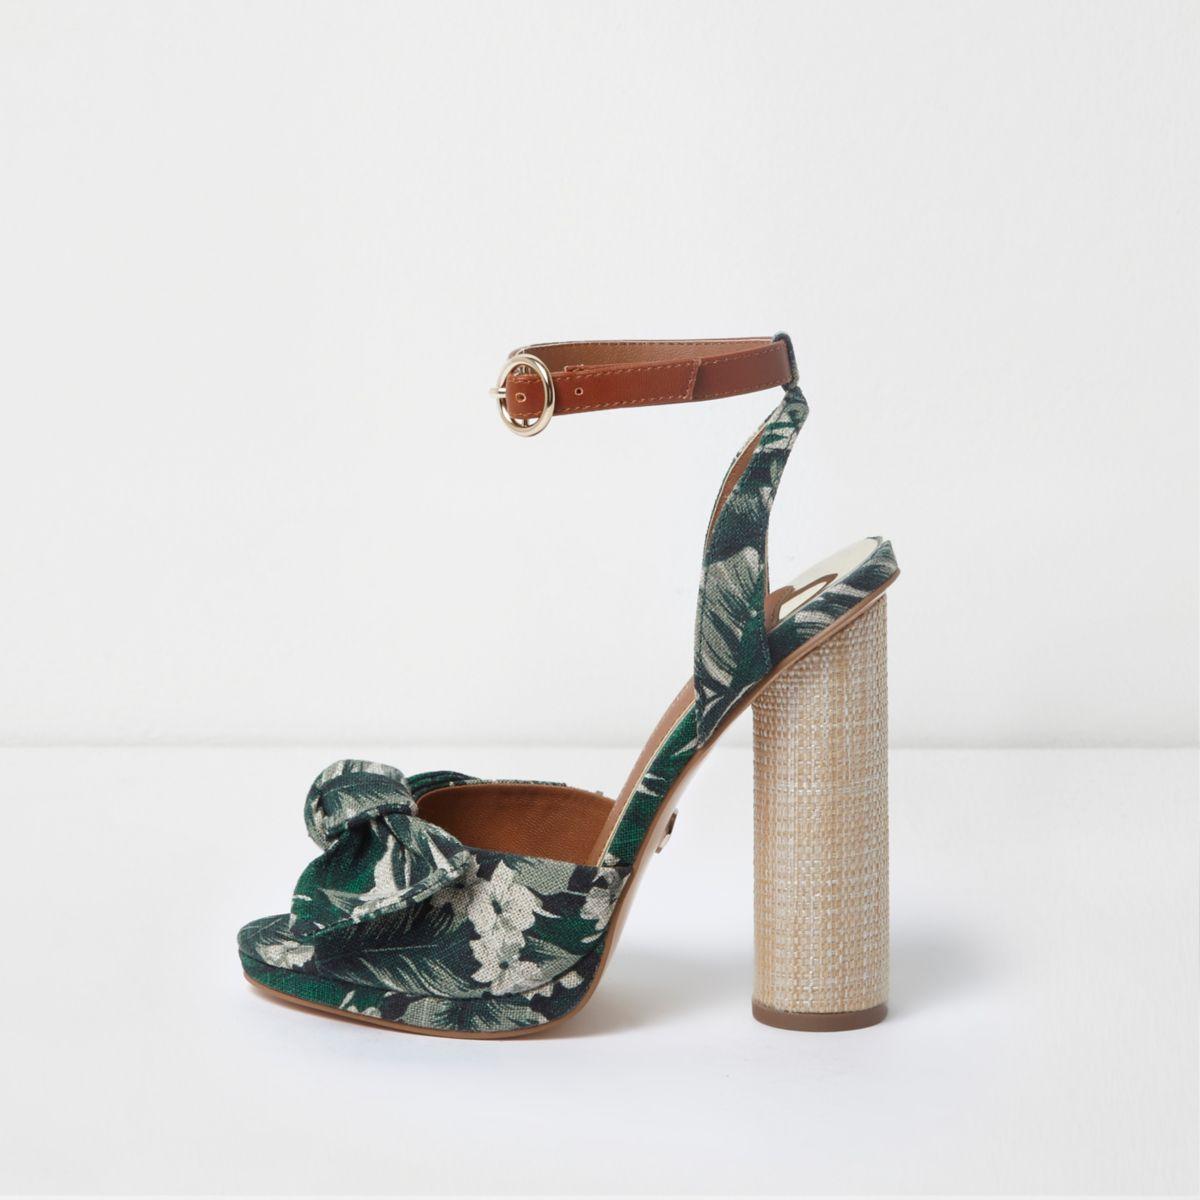 Groene sandalen met tropische print, strik voor en blokhak